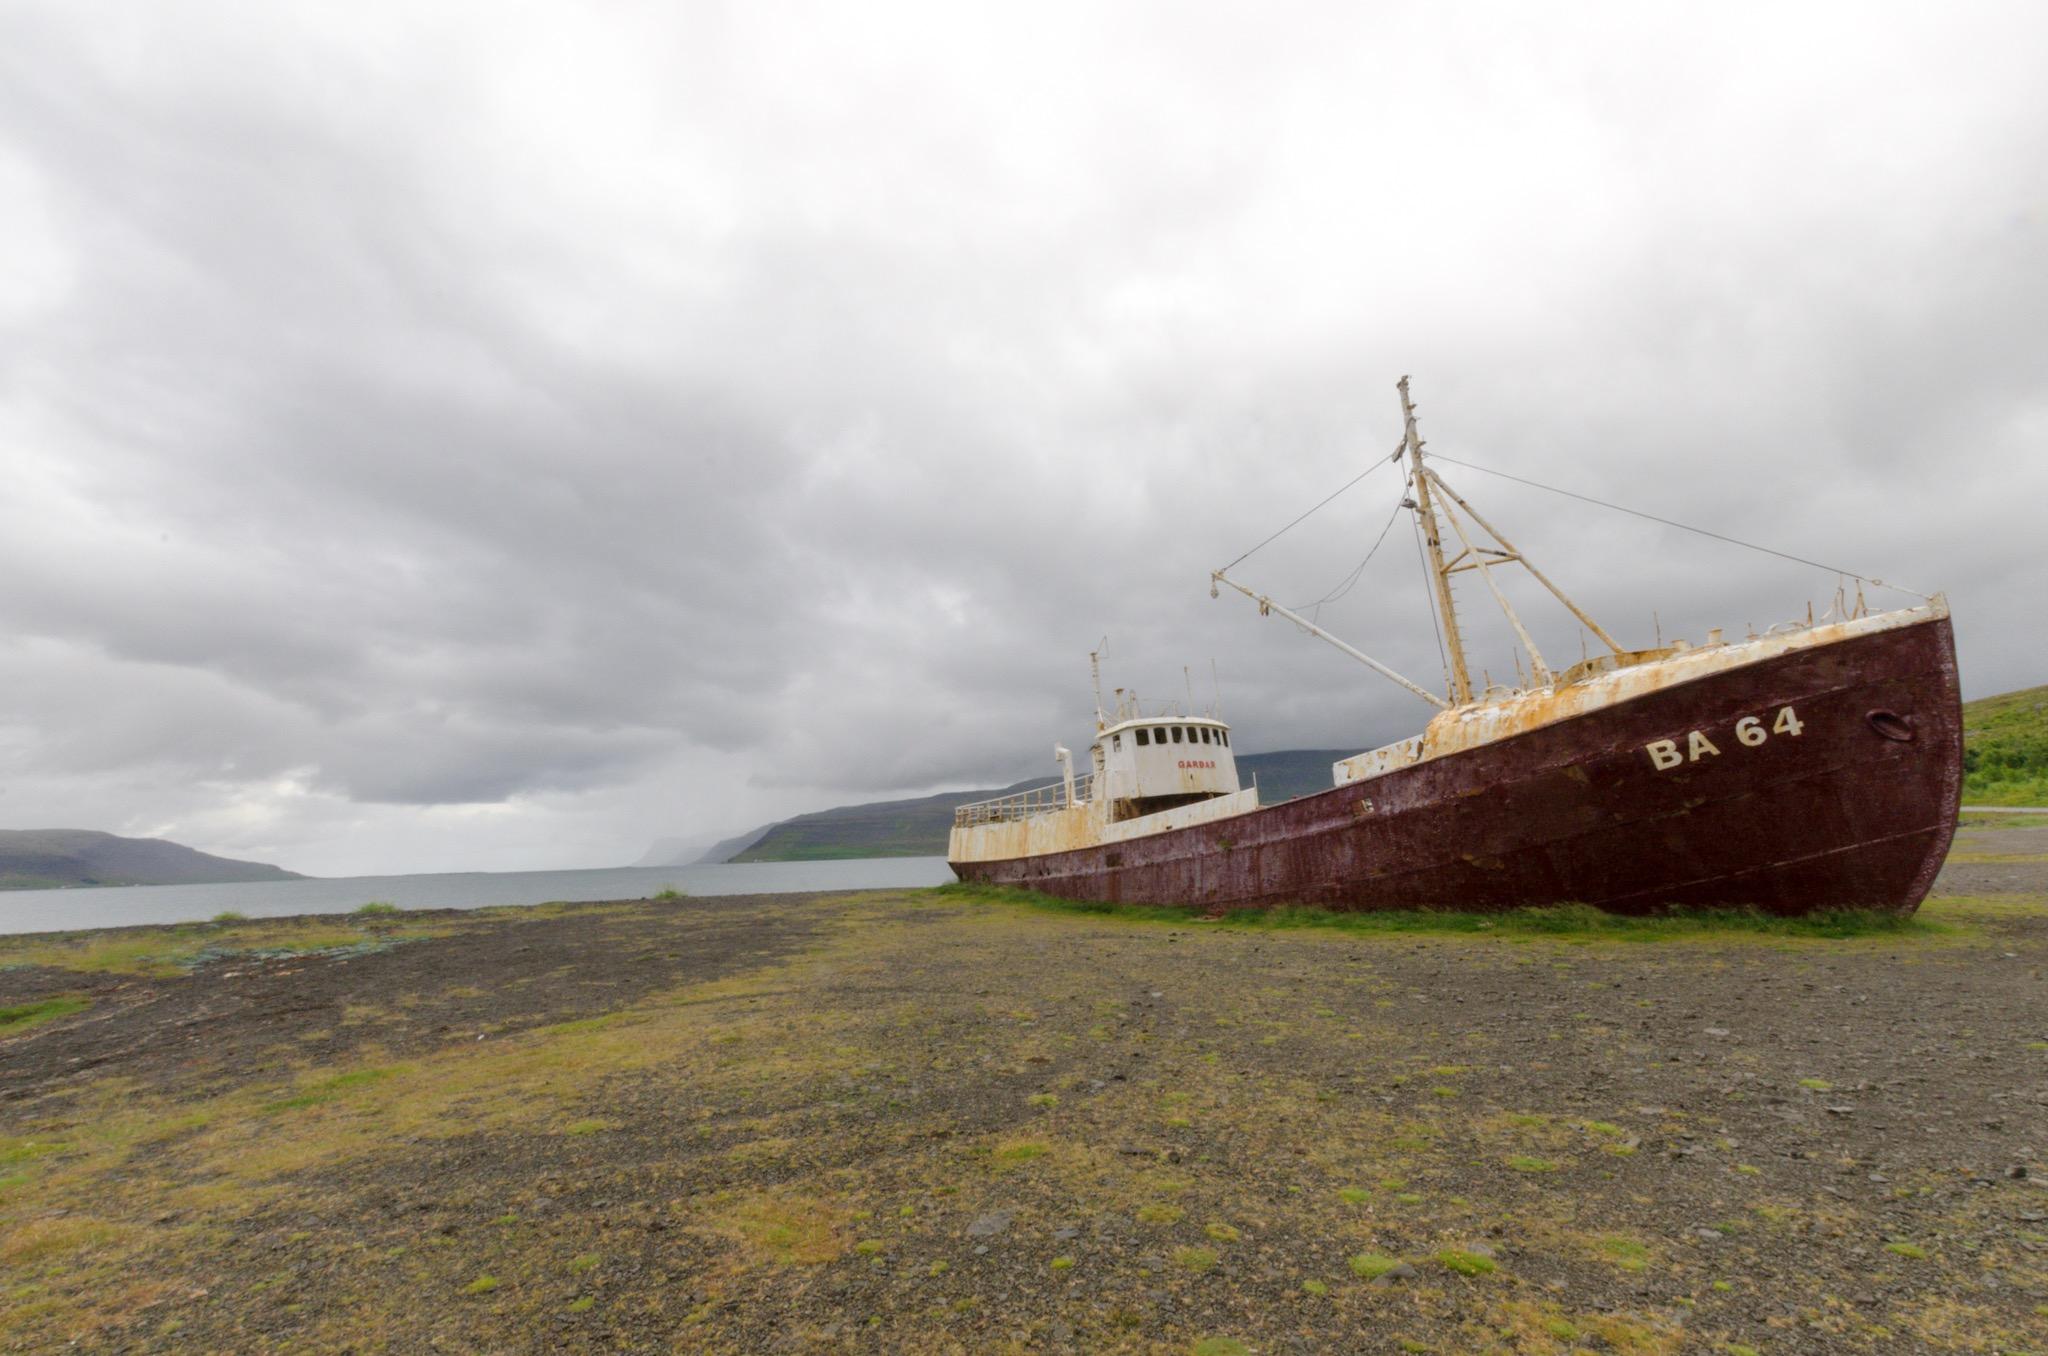 Gardar  BA 64, Iceland